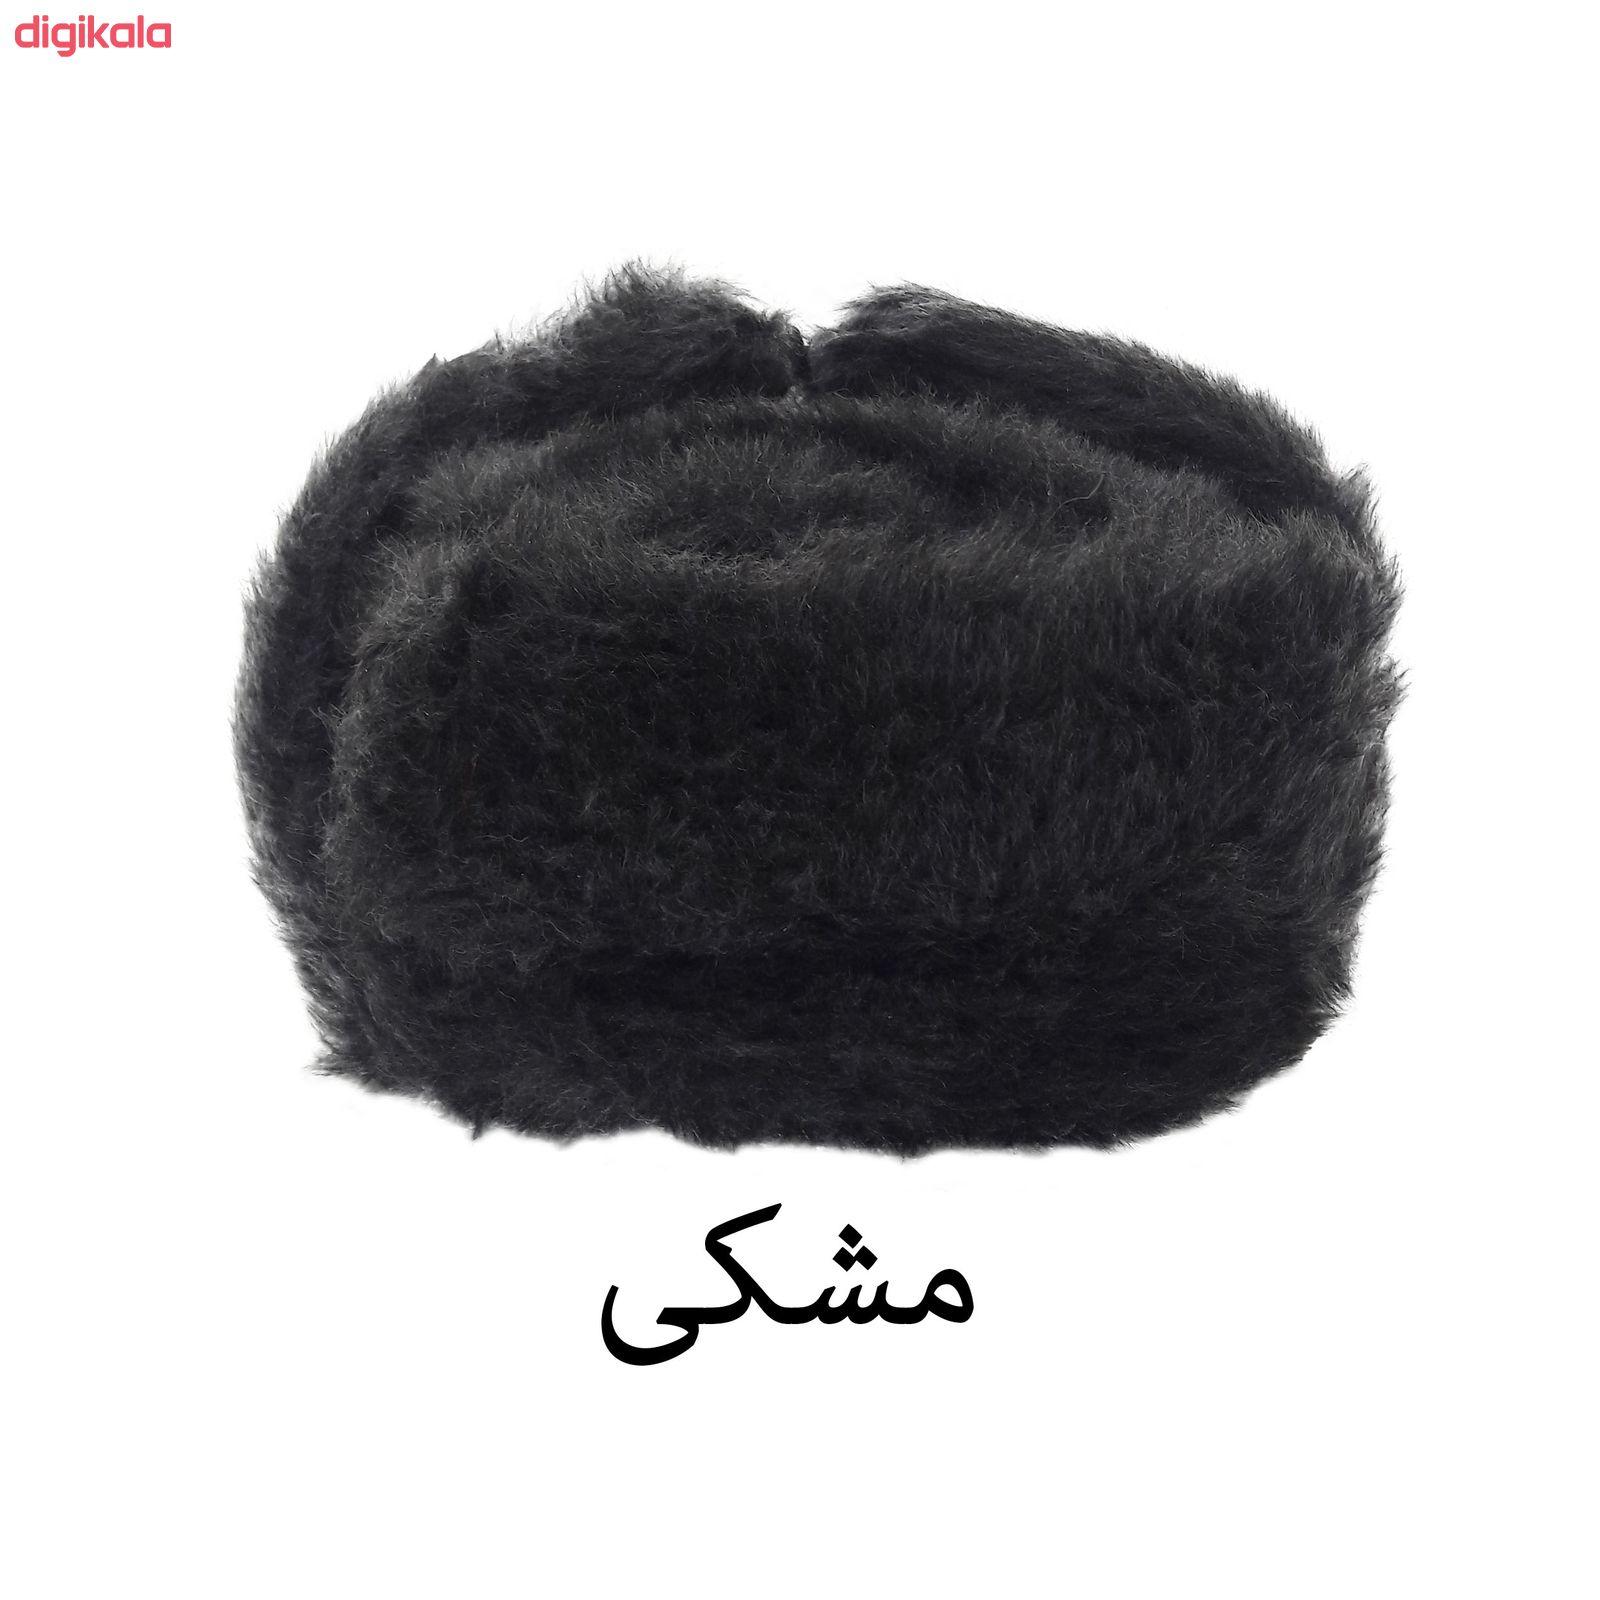 کلاه  مردانه  کد  6870 main 1 4